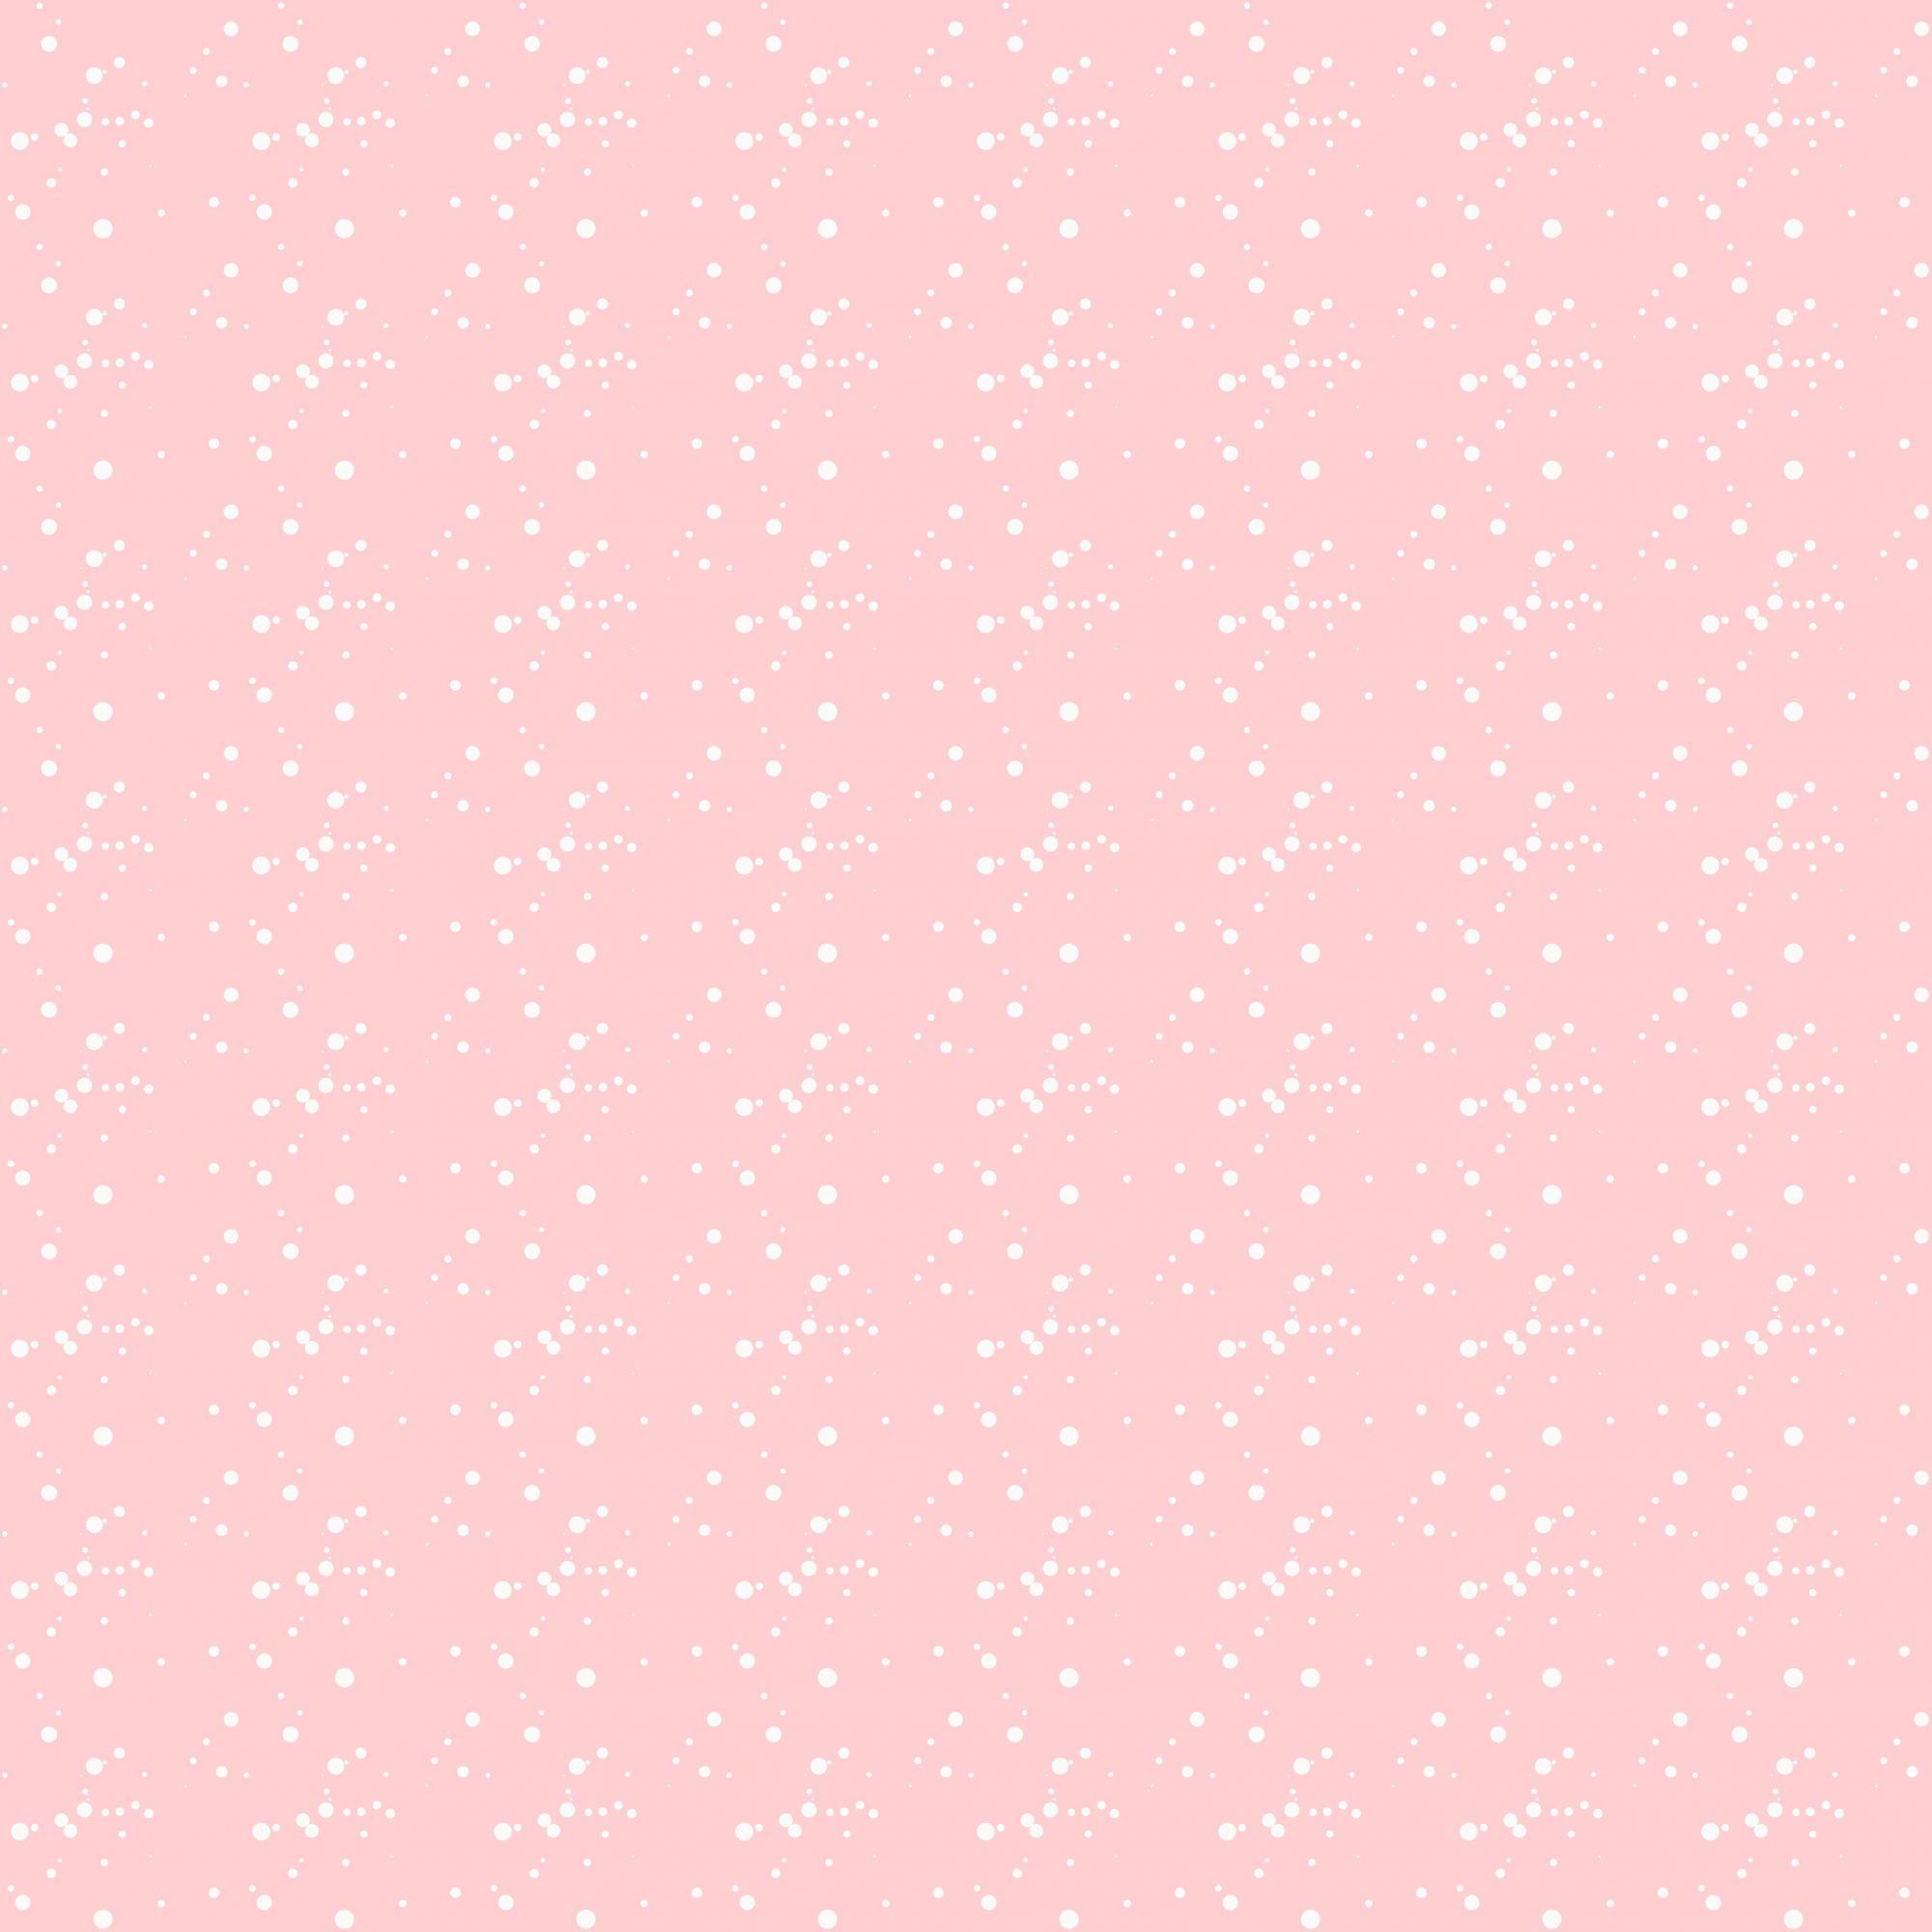 Papel de Parede Autocolante Fundo Rosa e Pingos Brancos